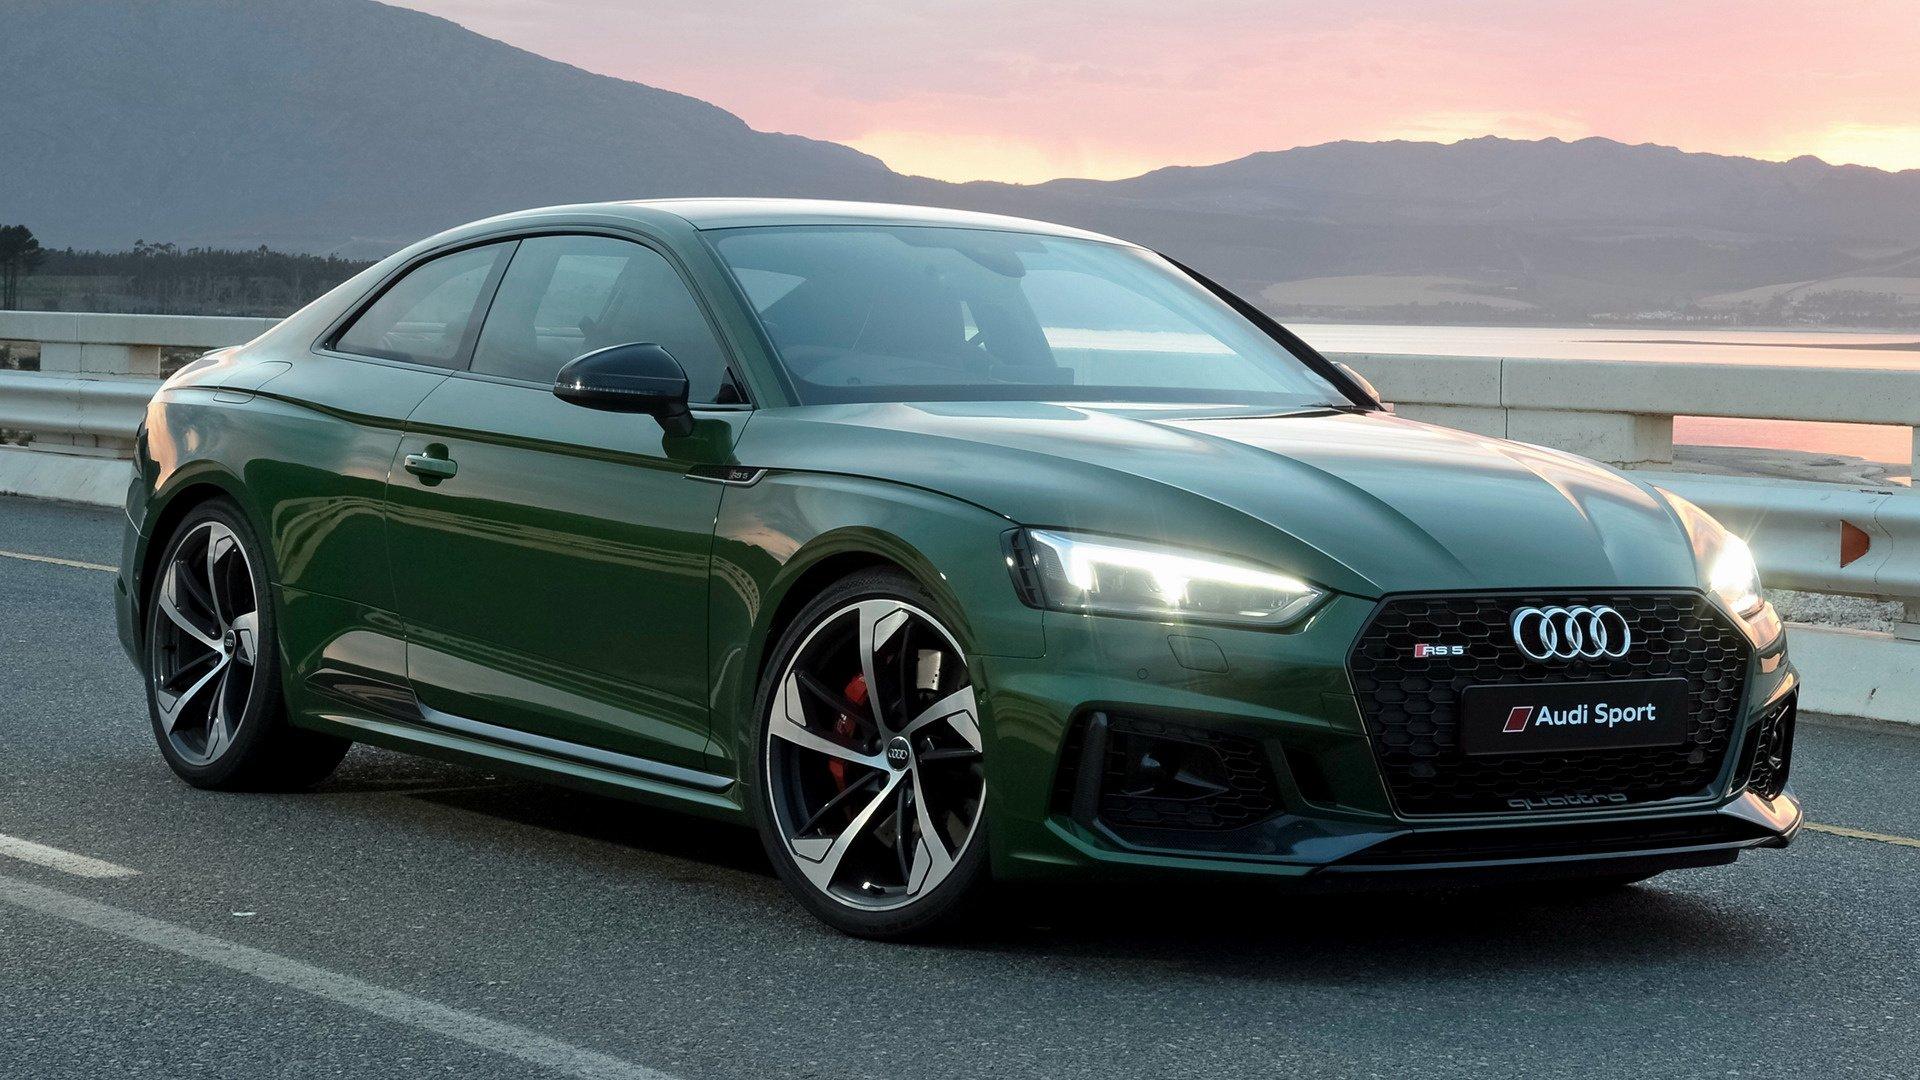 2017 Audi Rs5 Fondo De Pantalla Hd Fondo De Escritorio